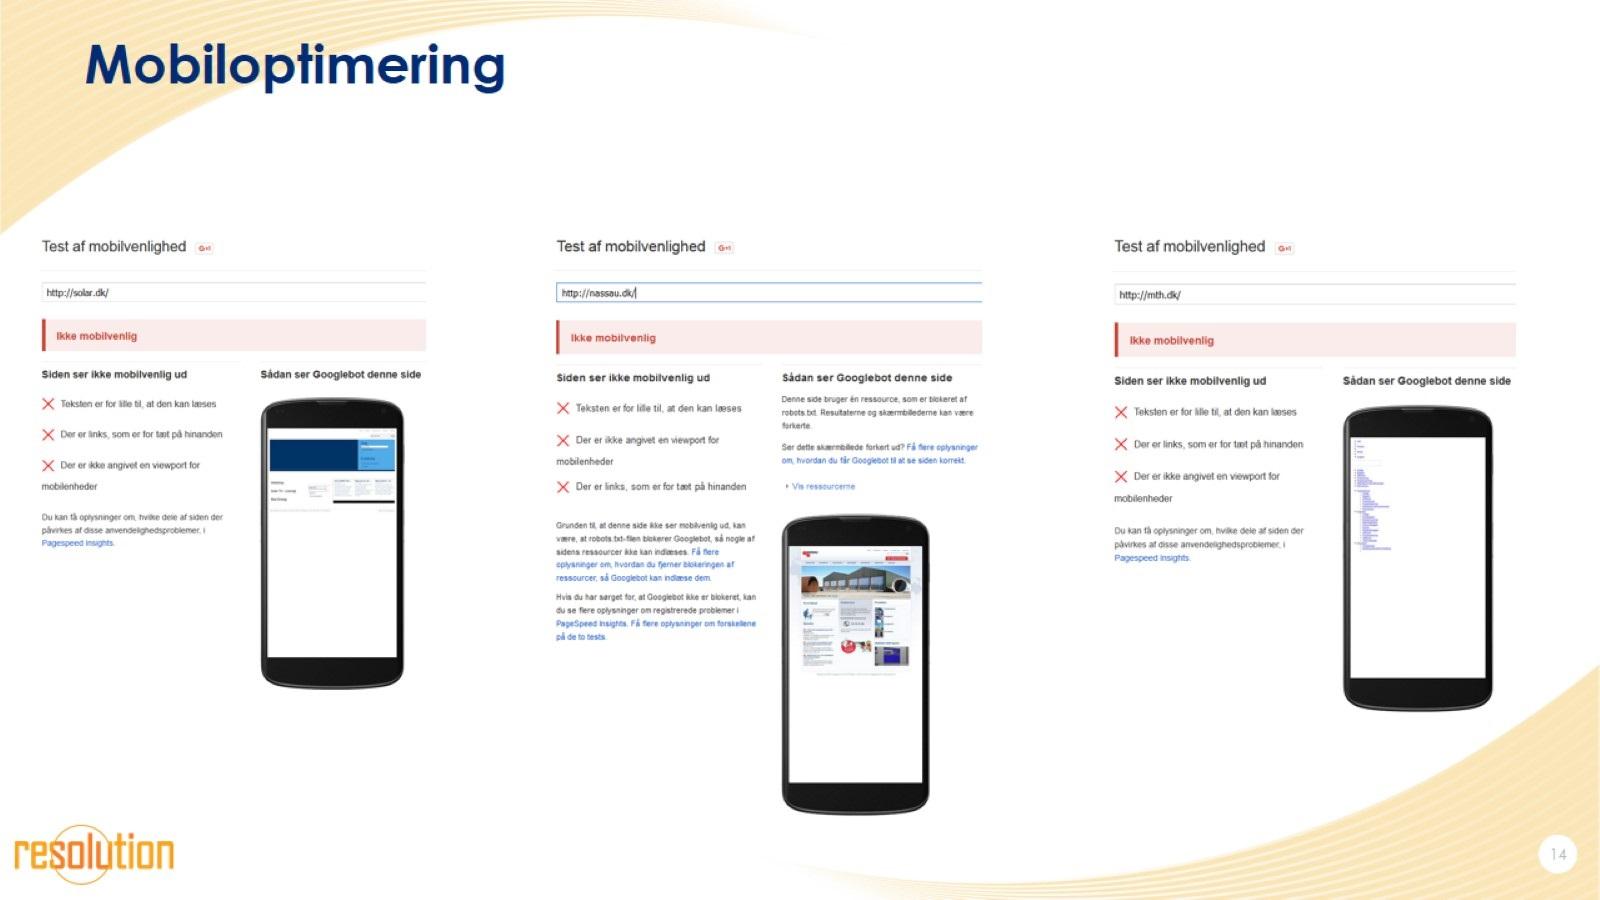 Mobiloptimering